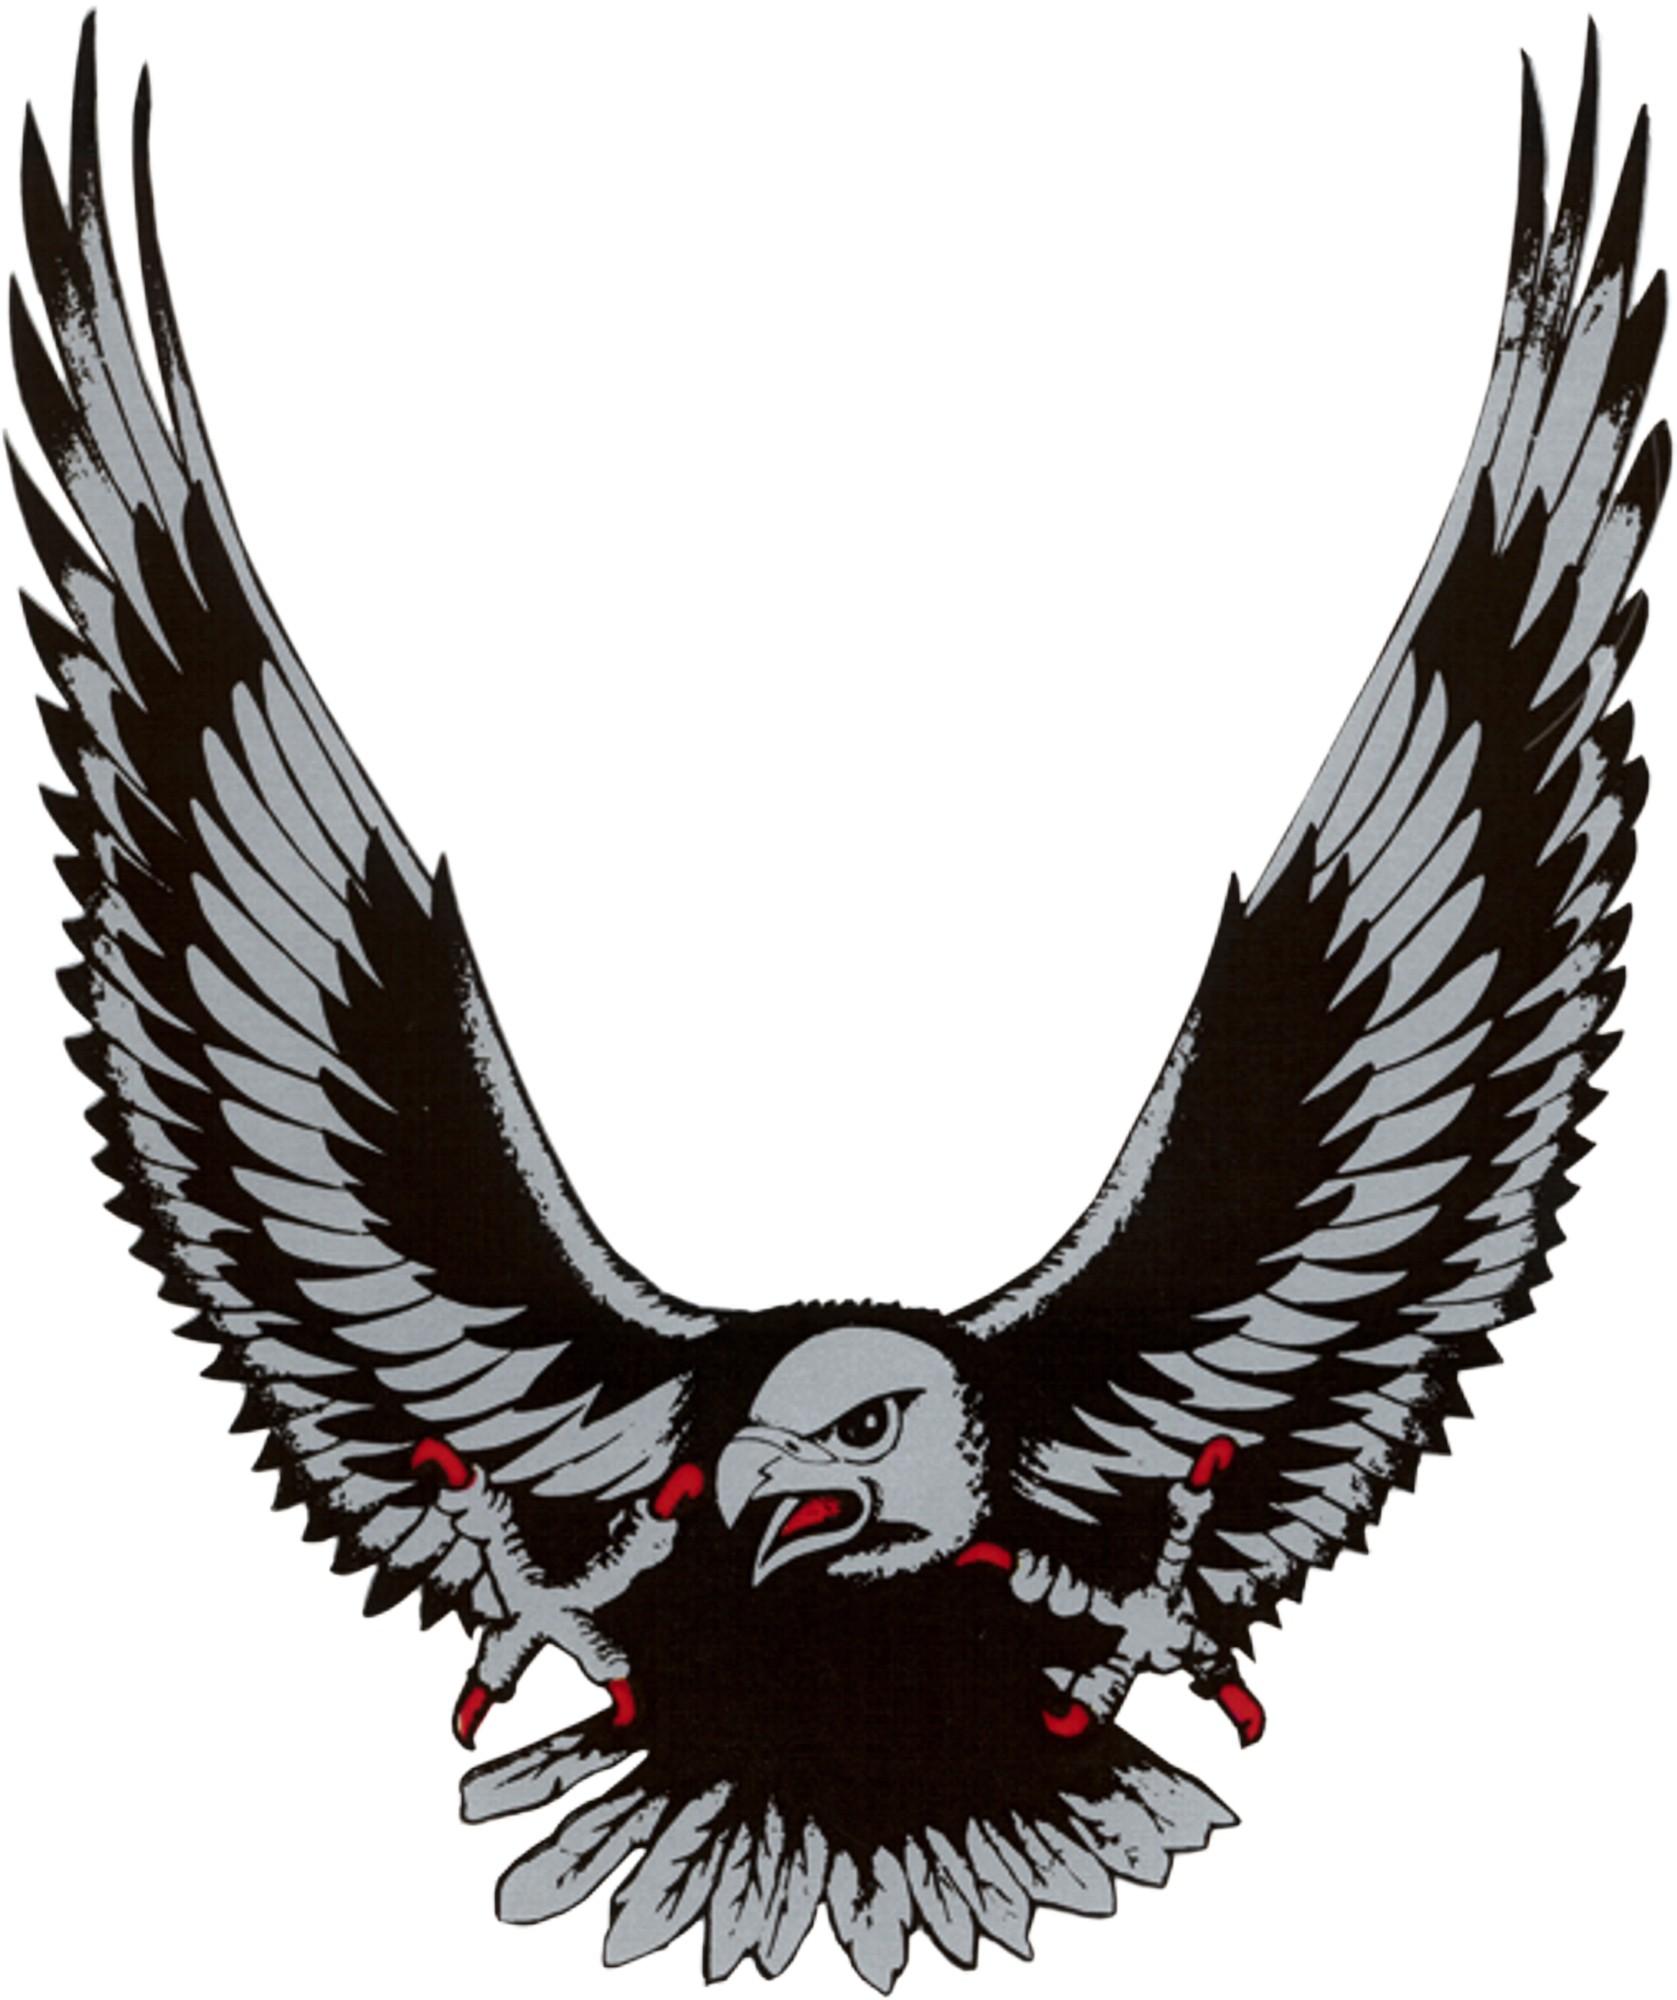 Sticker eagle silver 210 x 175 mm – Bild 1